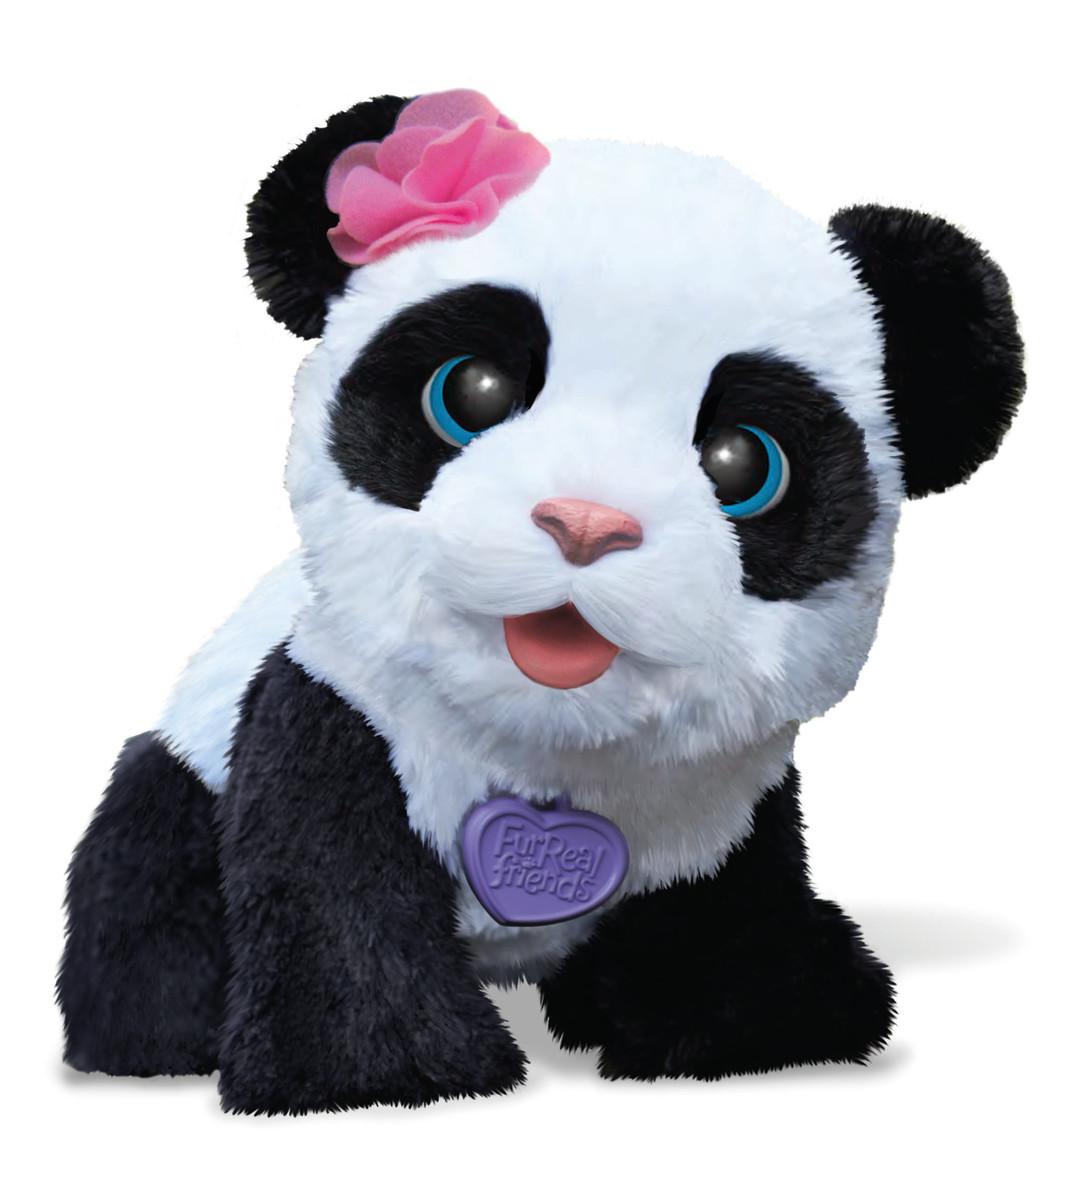 FurReal Friends PomPom, My Baby Panda